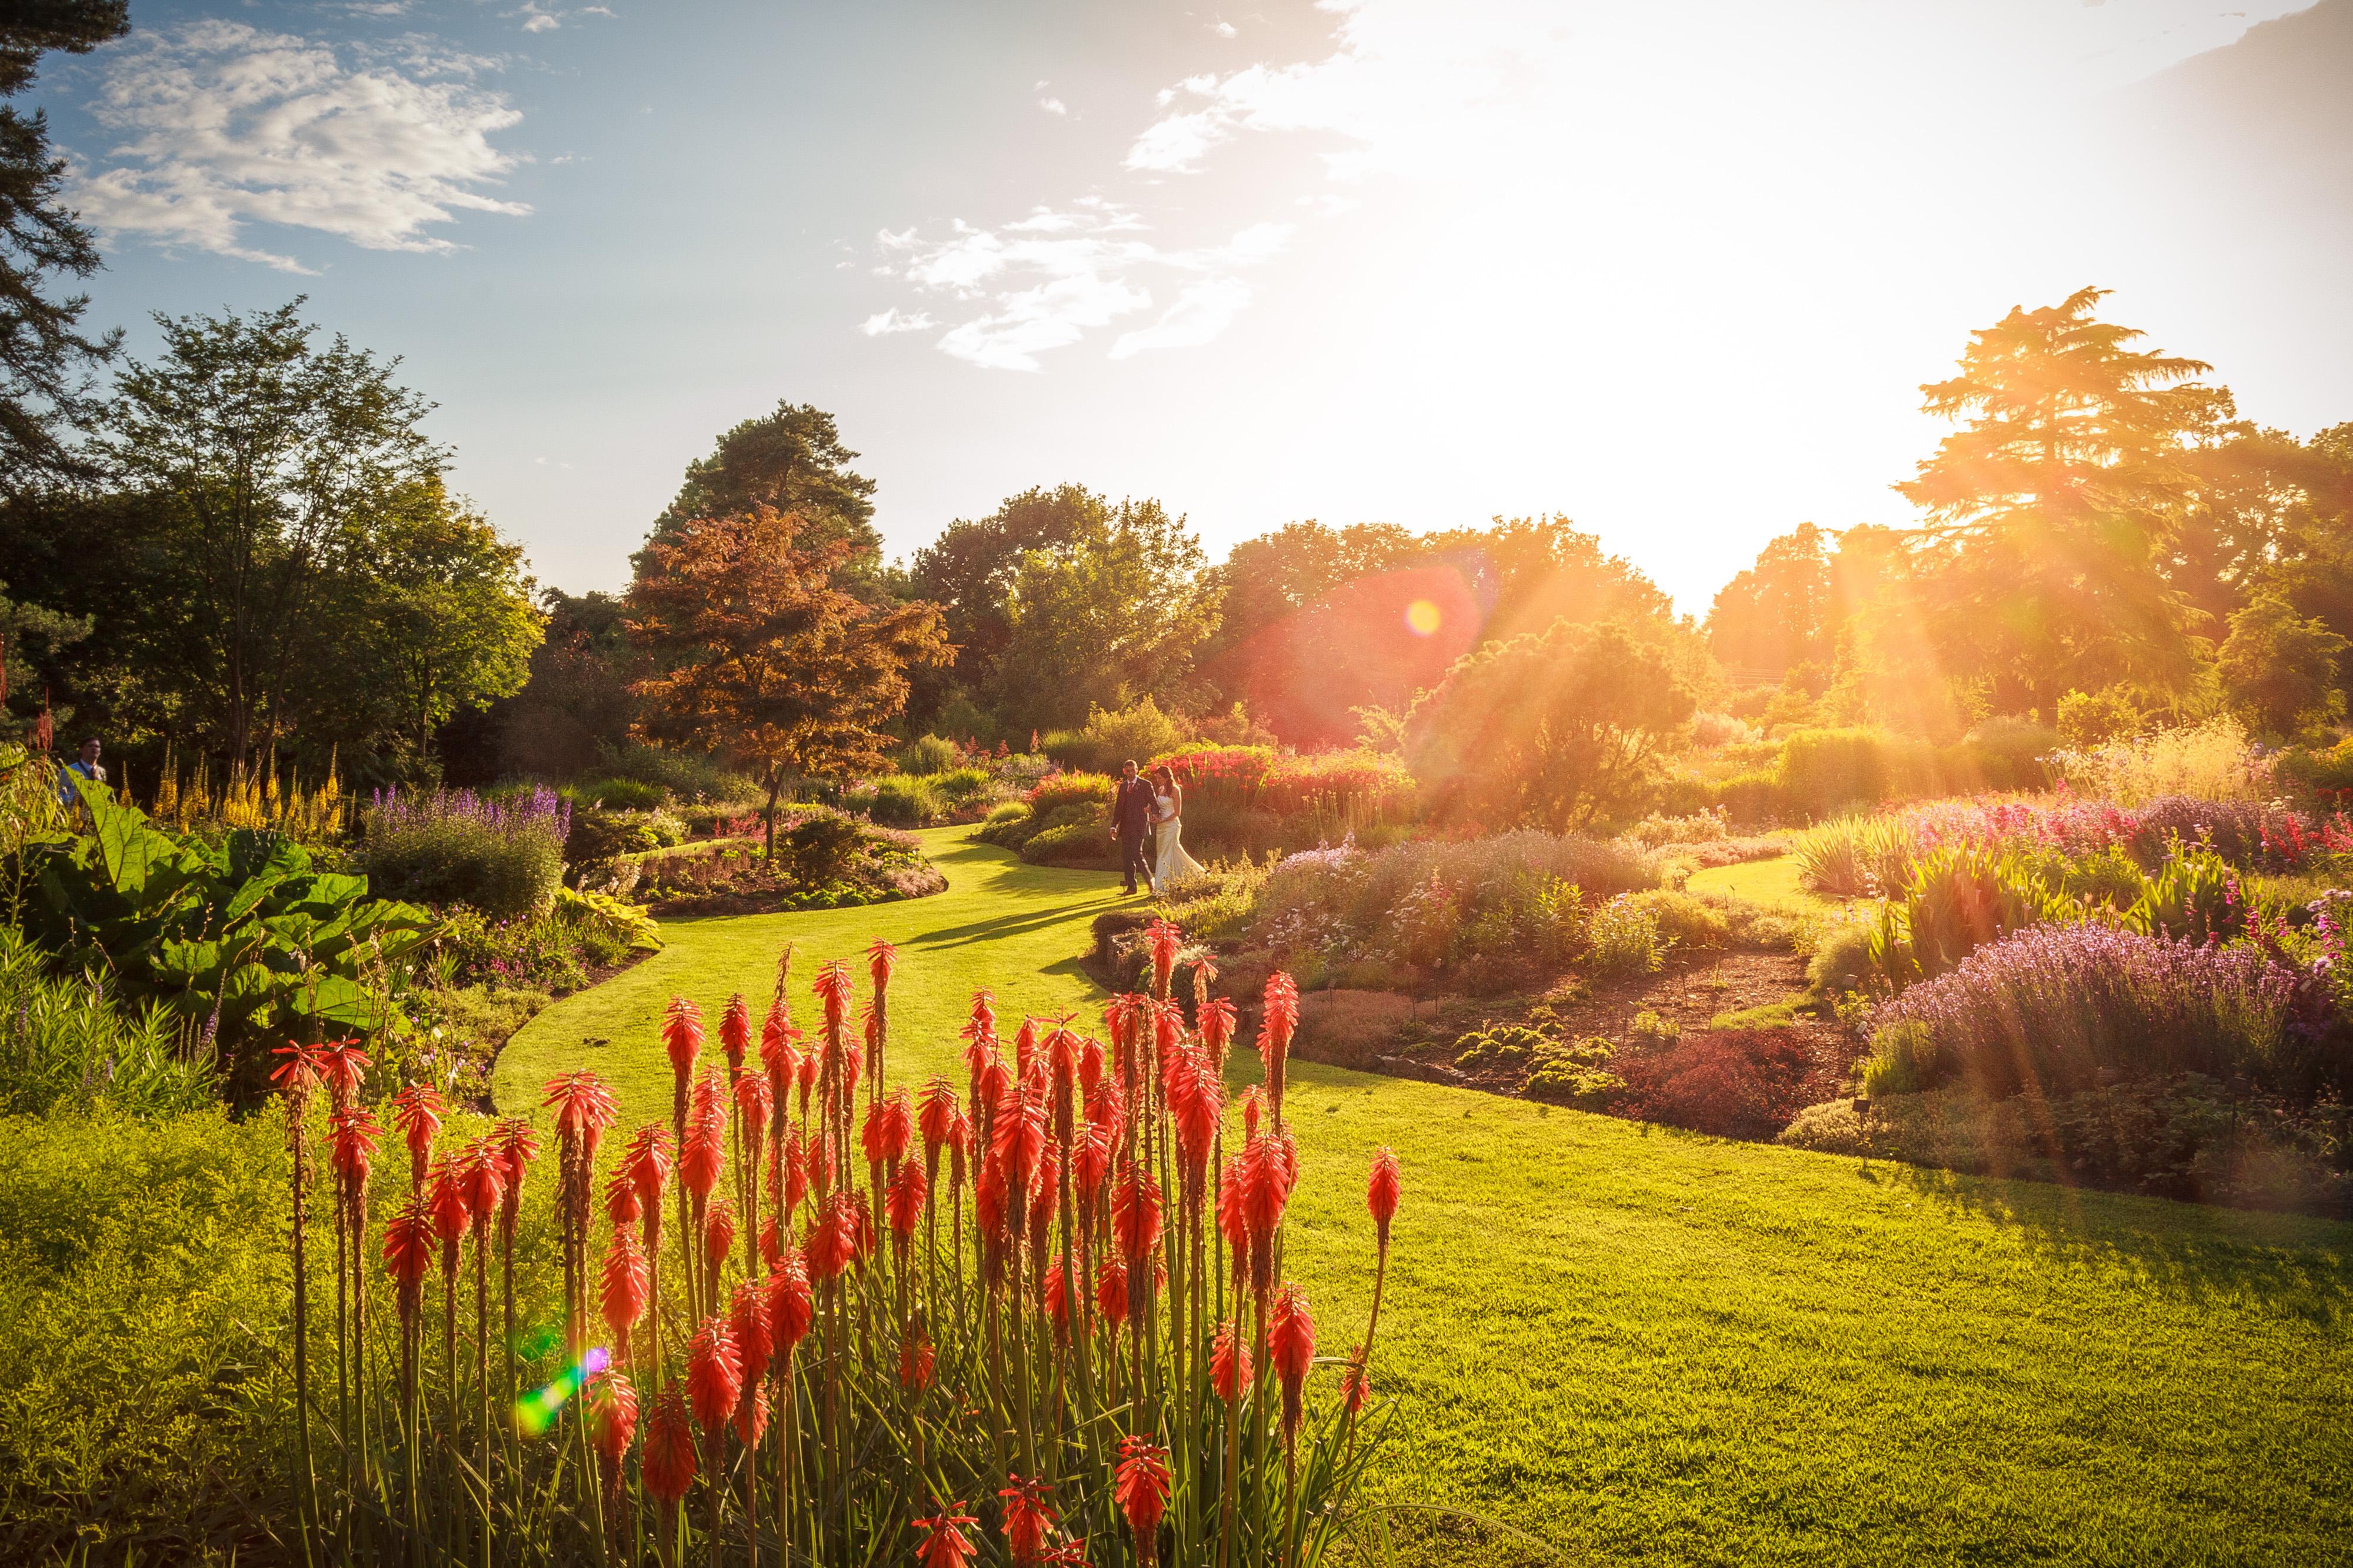 Bressingham Gardens